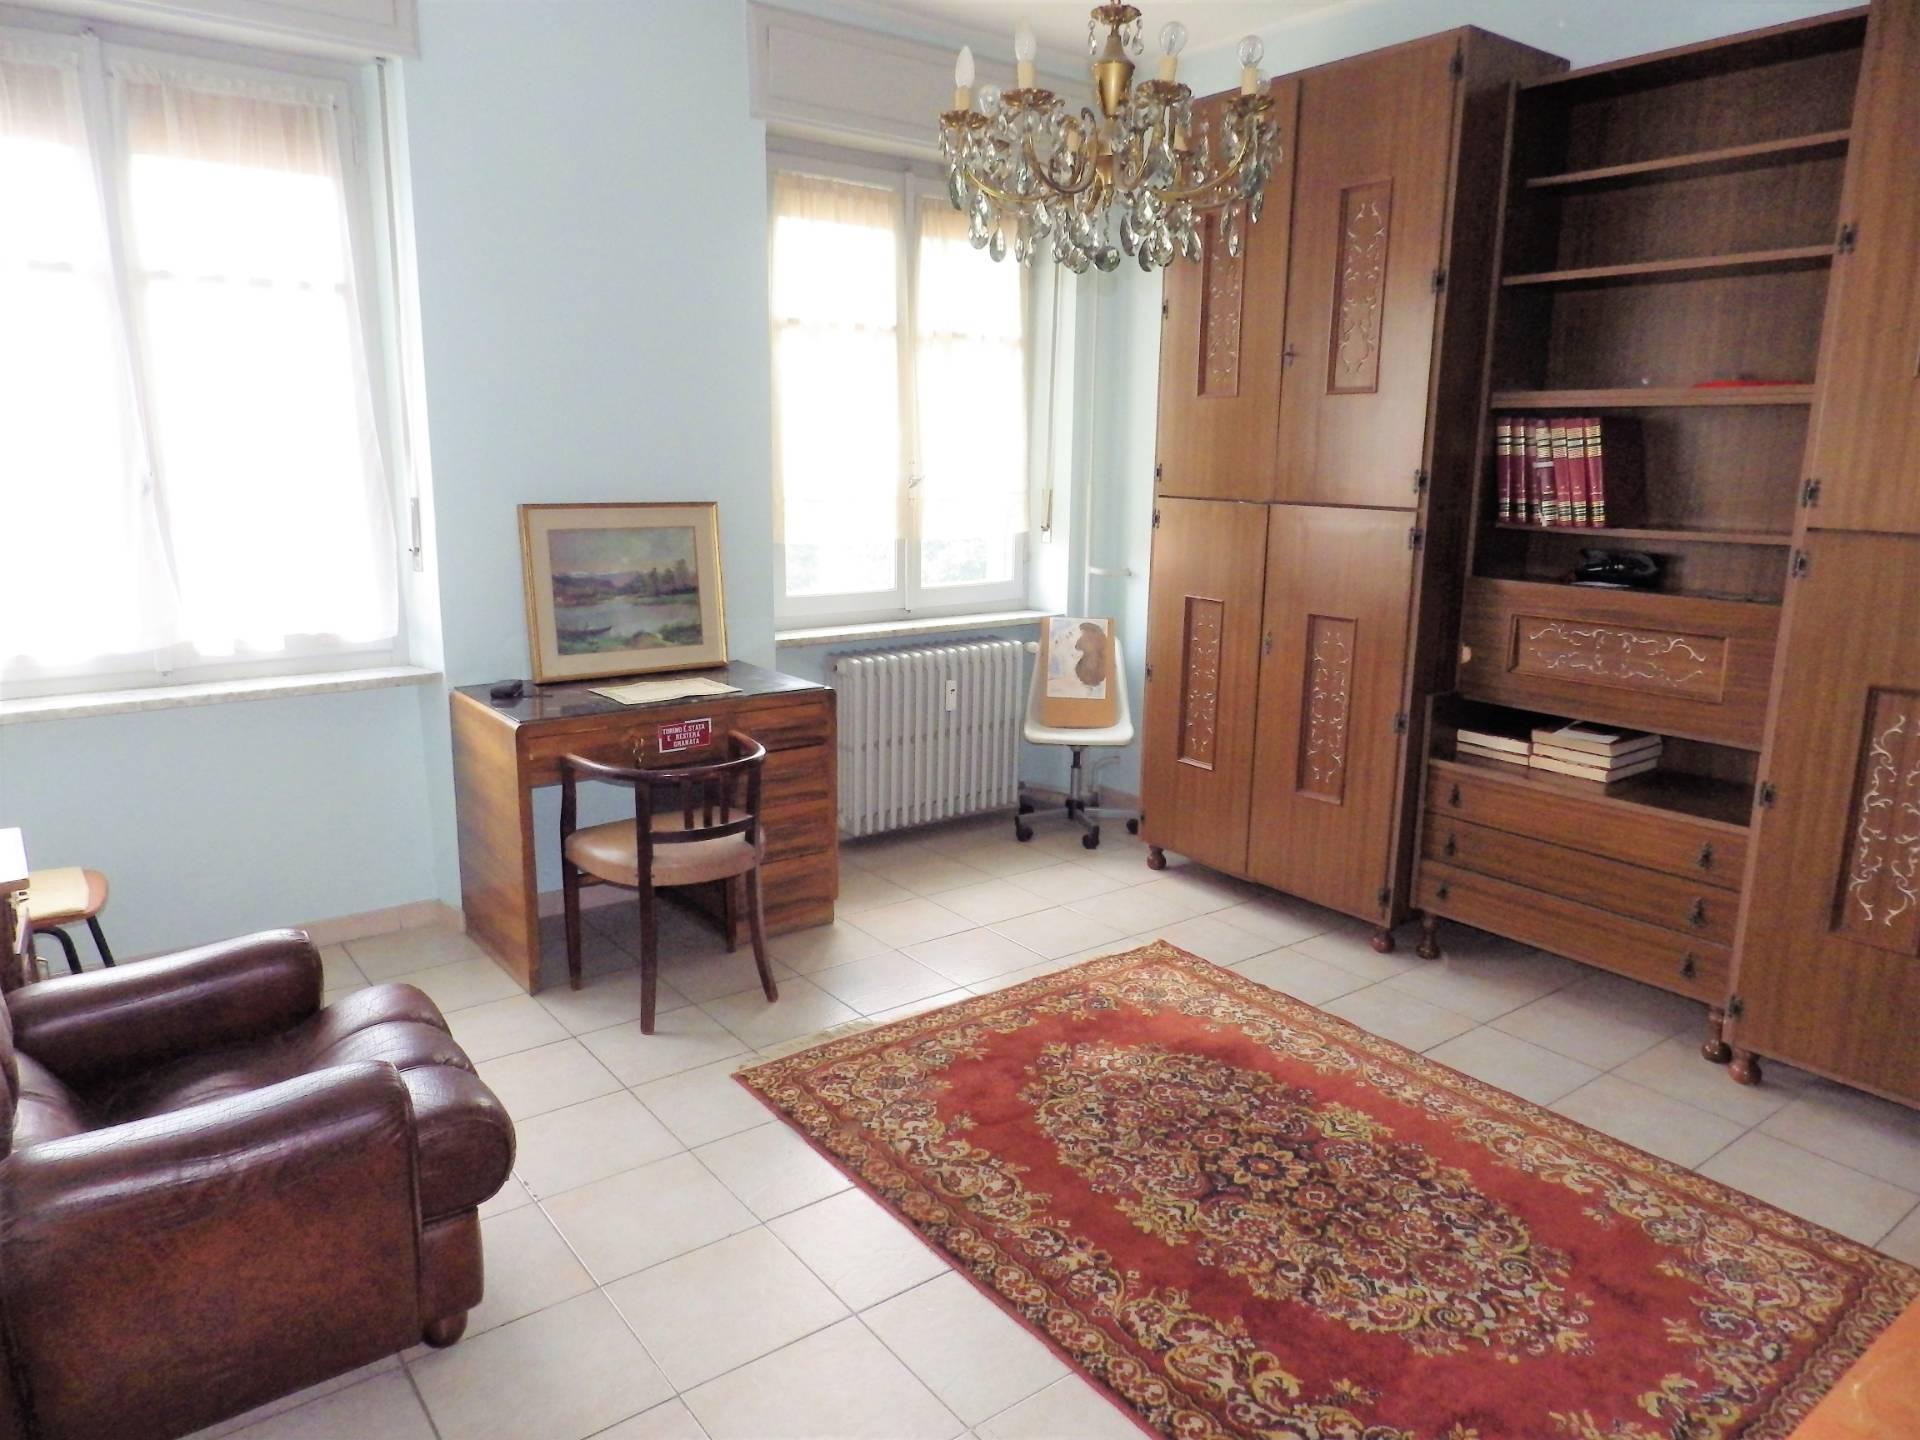 Appartamento in vendita a Collegno, 3 locali, zona Località: CentroPaese, prezzo € 104.000 | CambioCasa.it